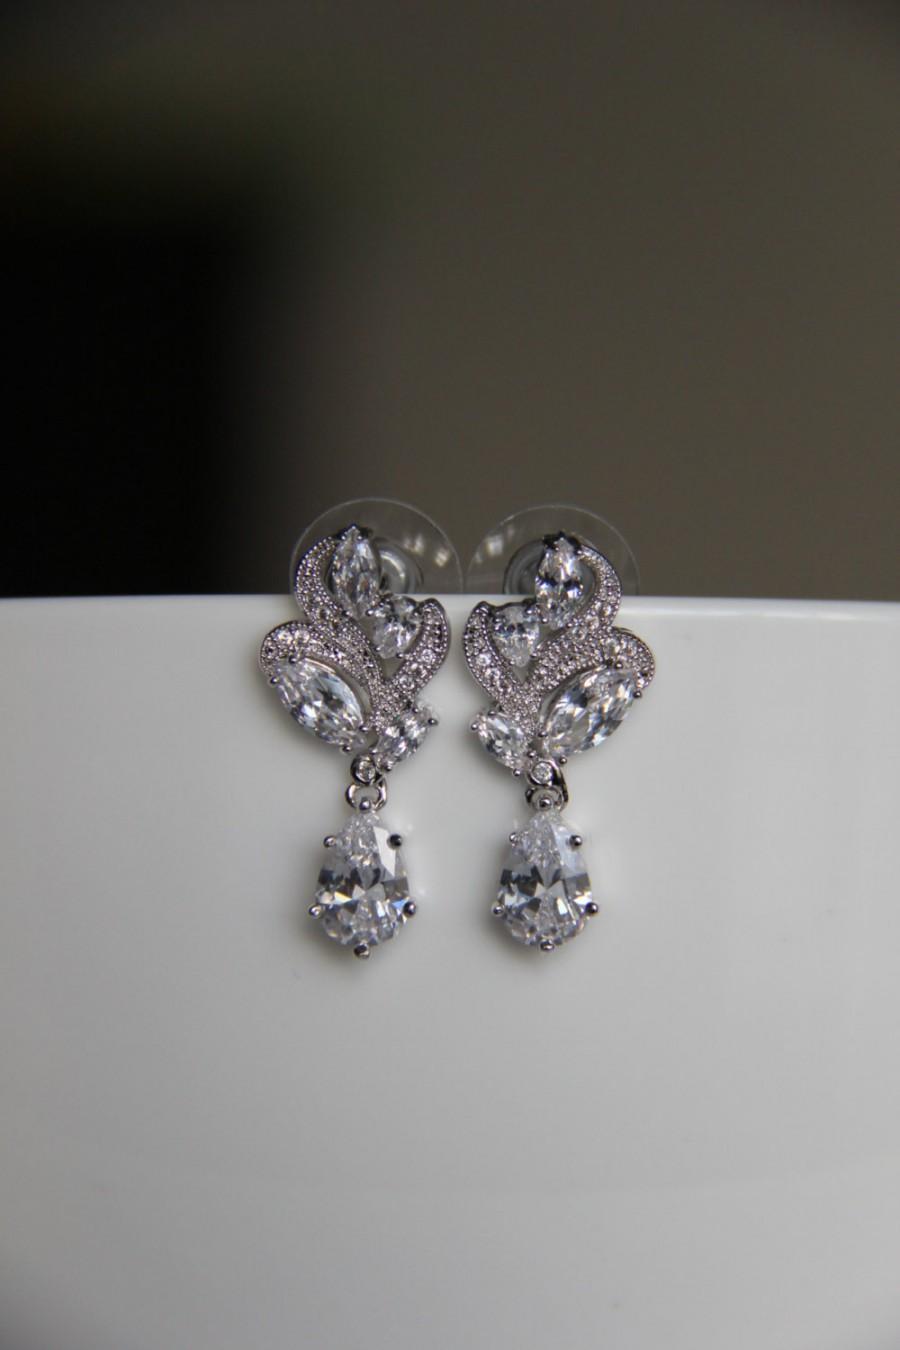 زفاف - FREE SHIPPING - Bridal earrings, cz earrings, wedding earrings, bridesmaid earrings, bridal jewelry, wedding jewelry, cz jewelry, dangley